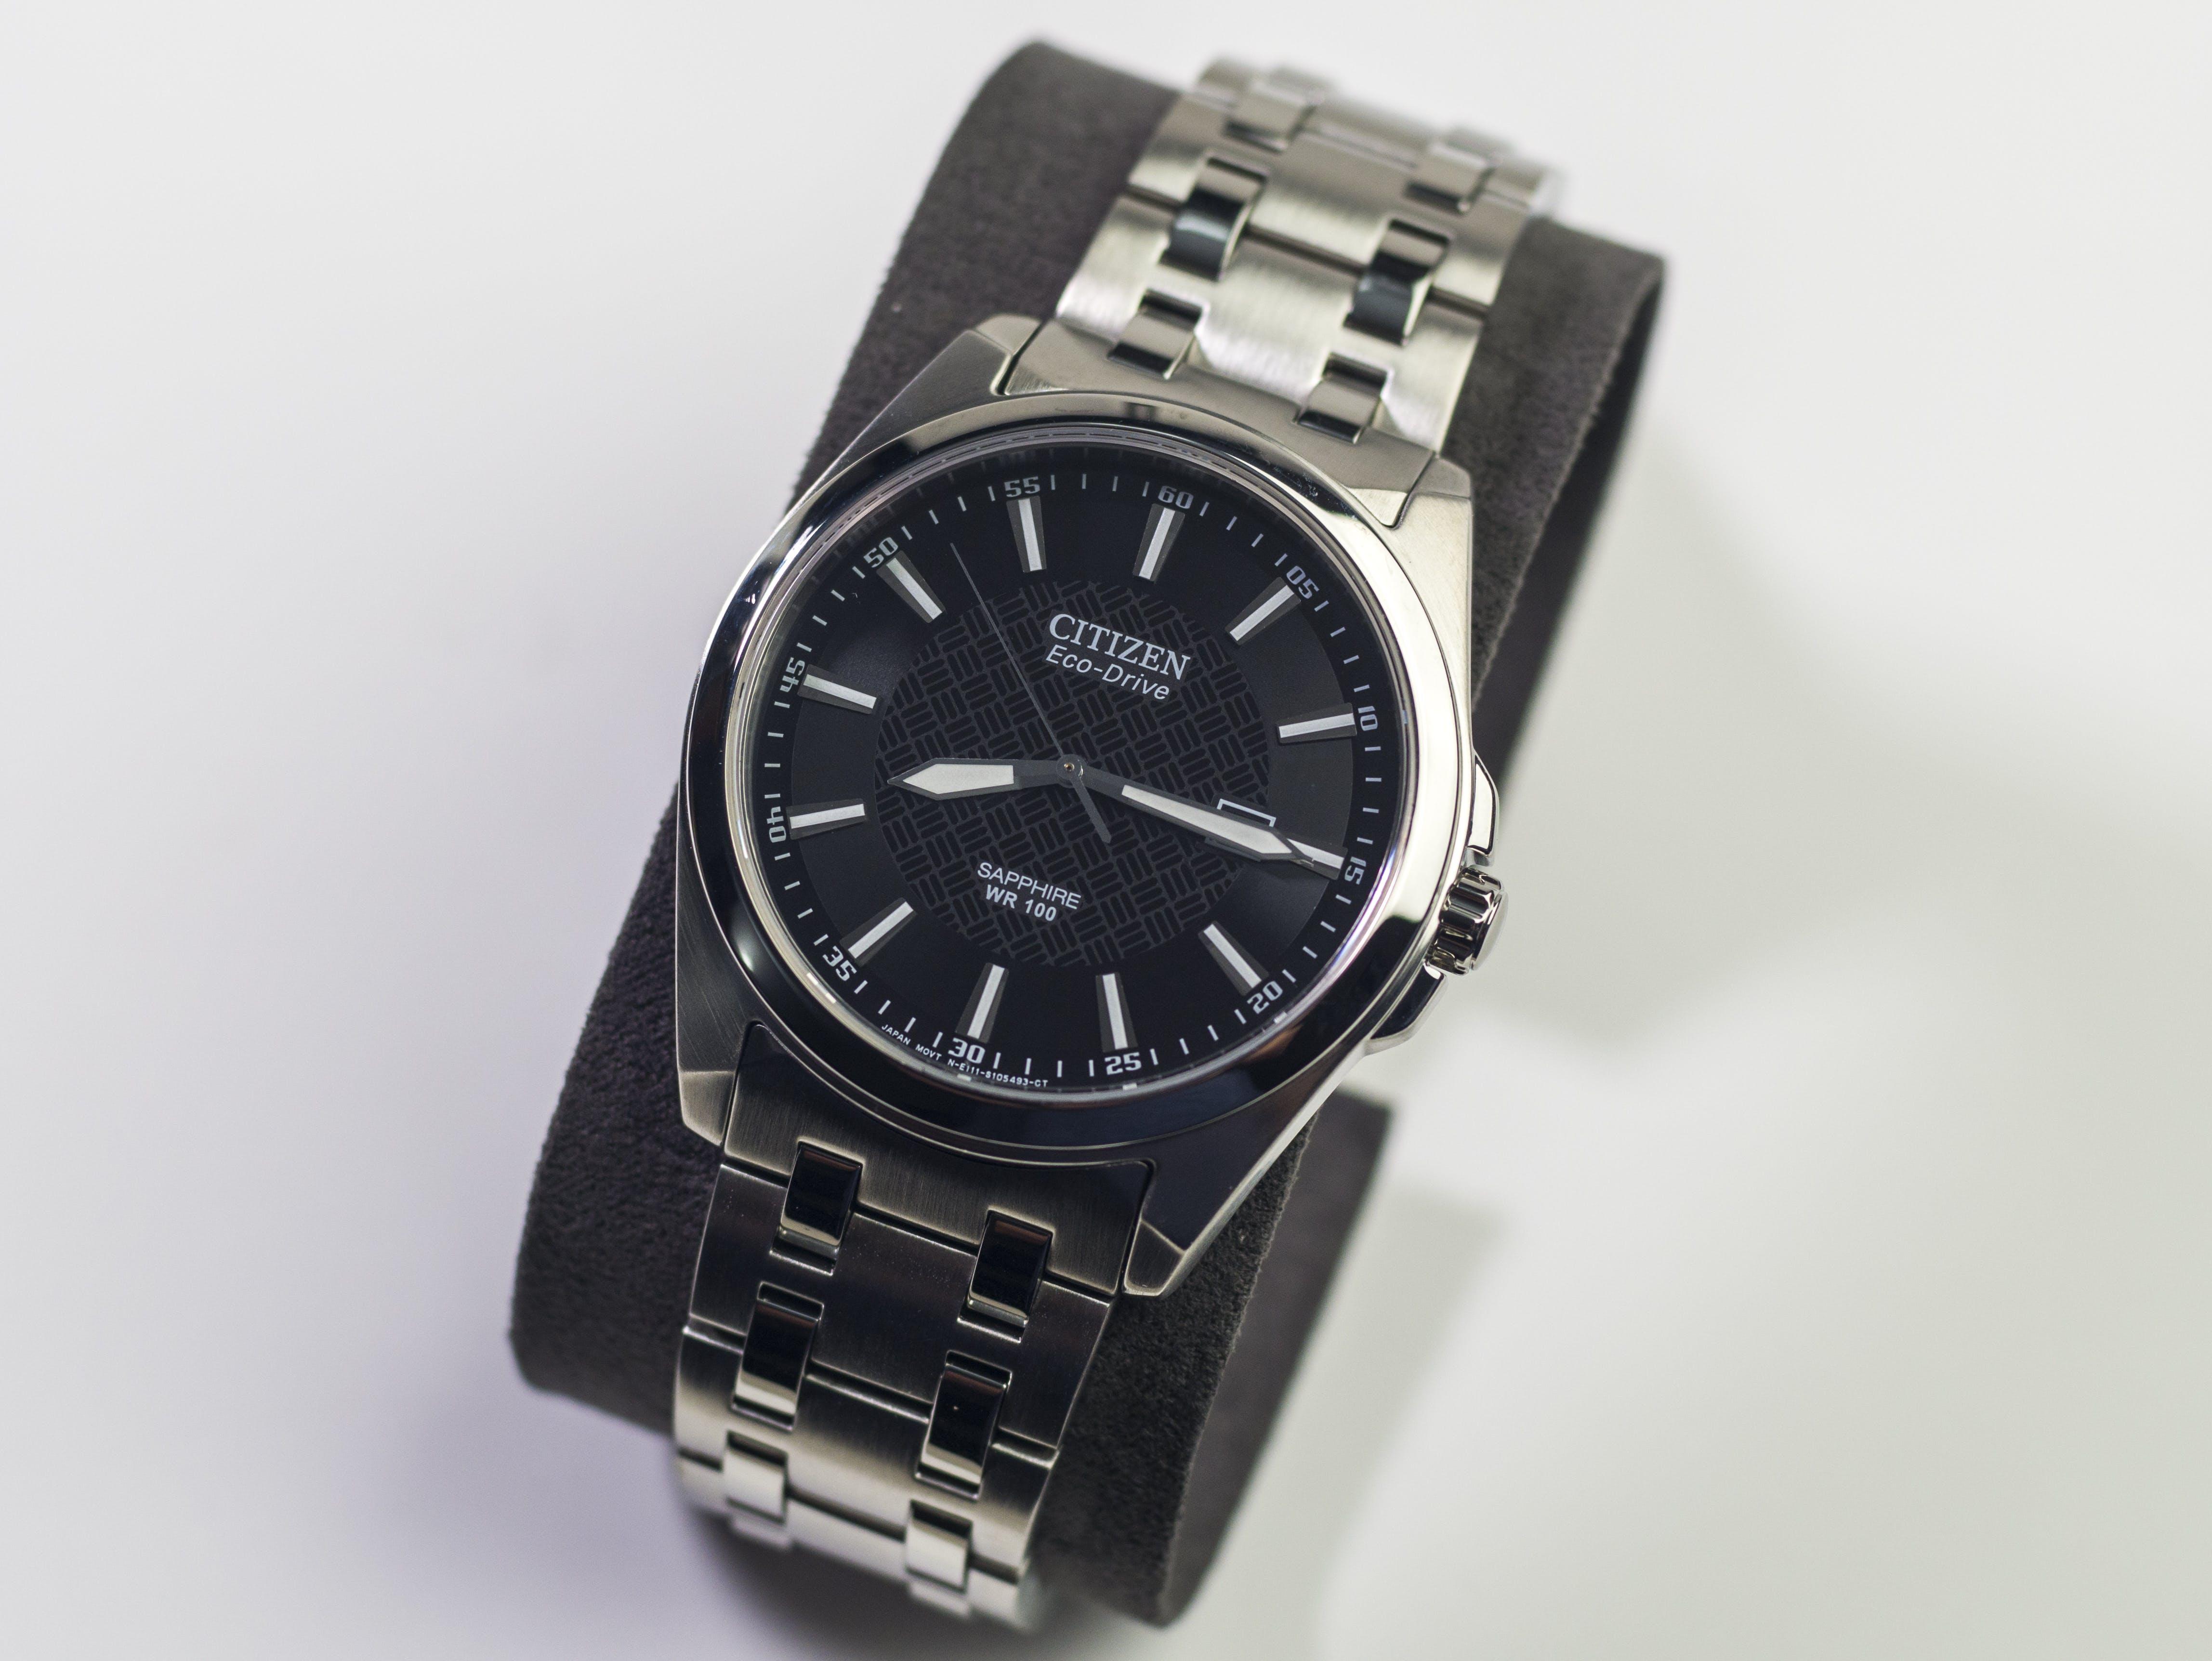 Analog watch, Analogue, chrome